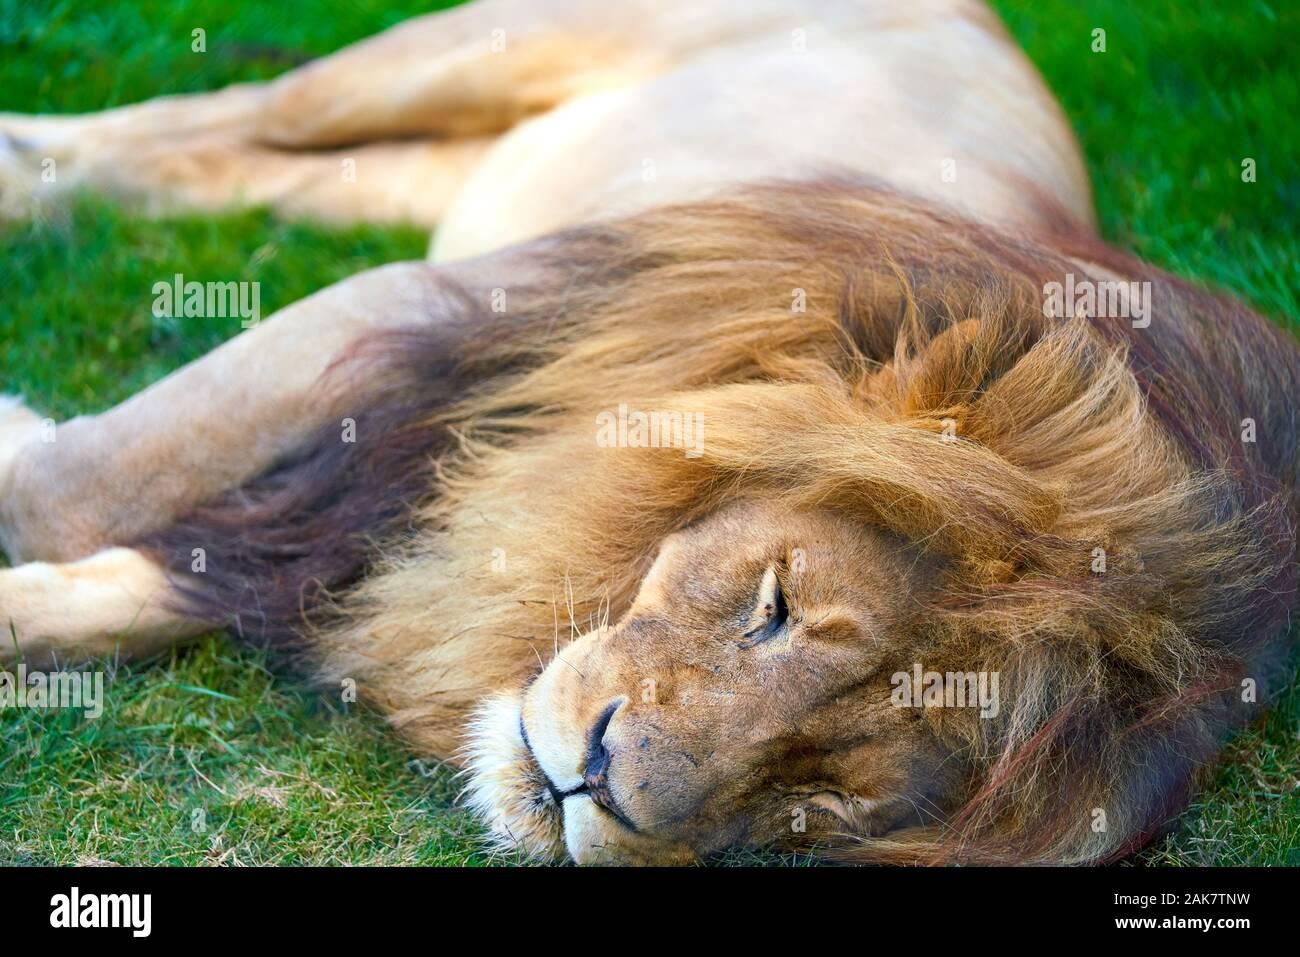 León de Sudáfrica Foto de stock